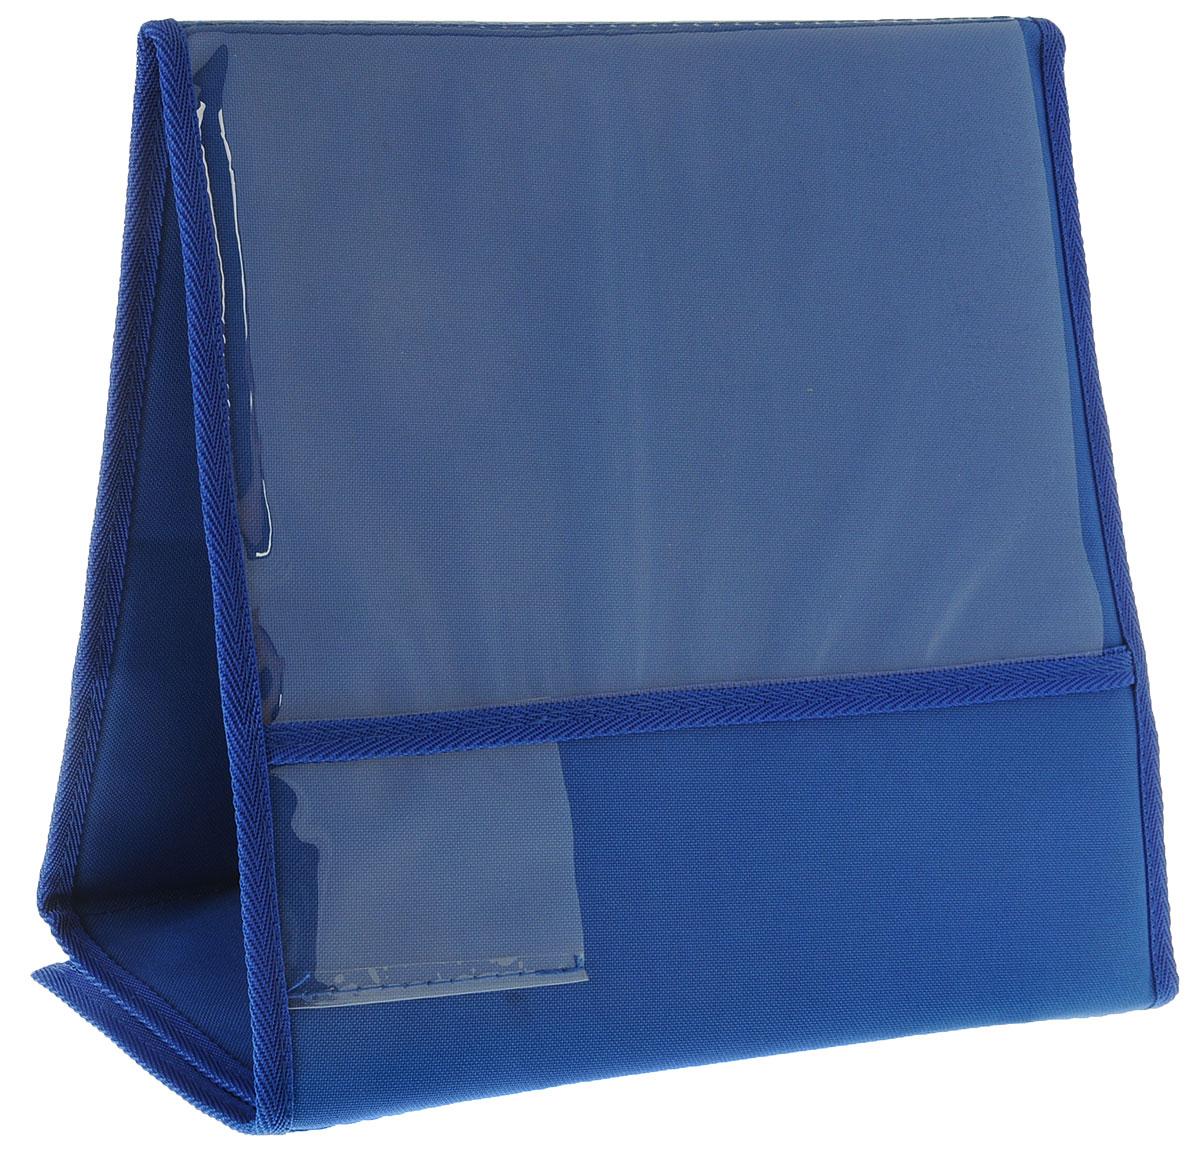 Табличка для животных  Заря-Плюс , выставочная, цвет: голубой, черный, 33 х 16 х 31 см - Клетки, вольеры, будки